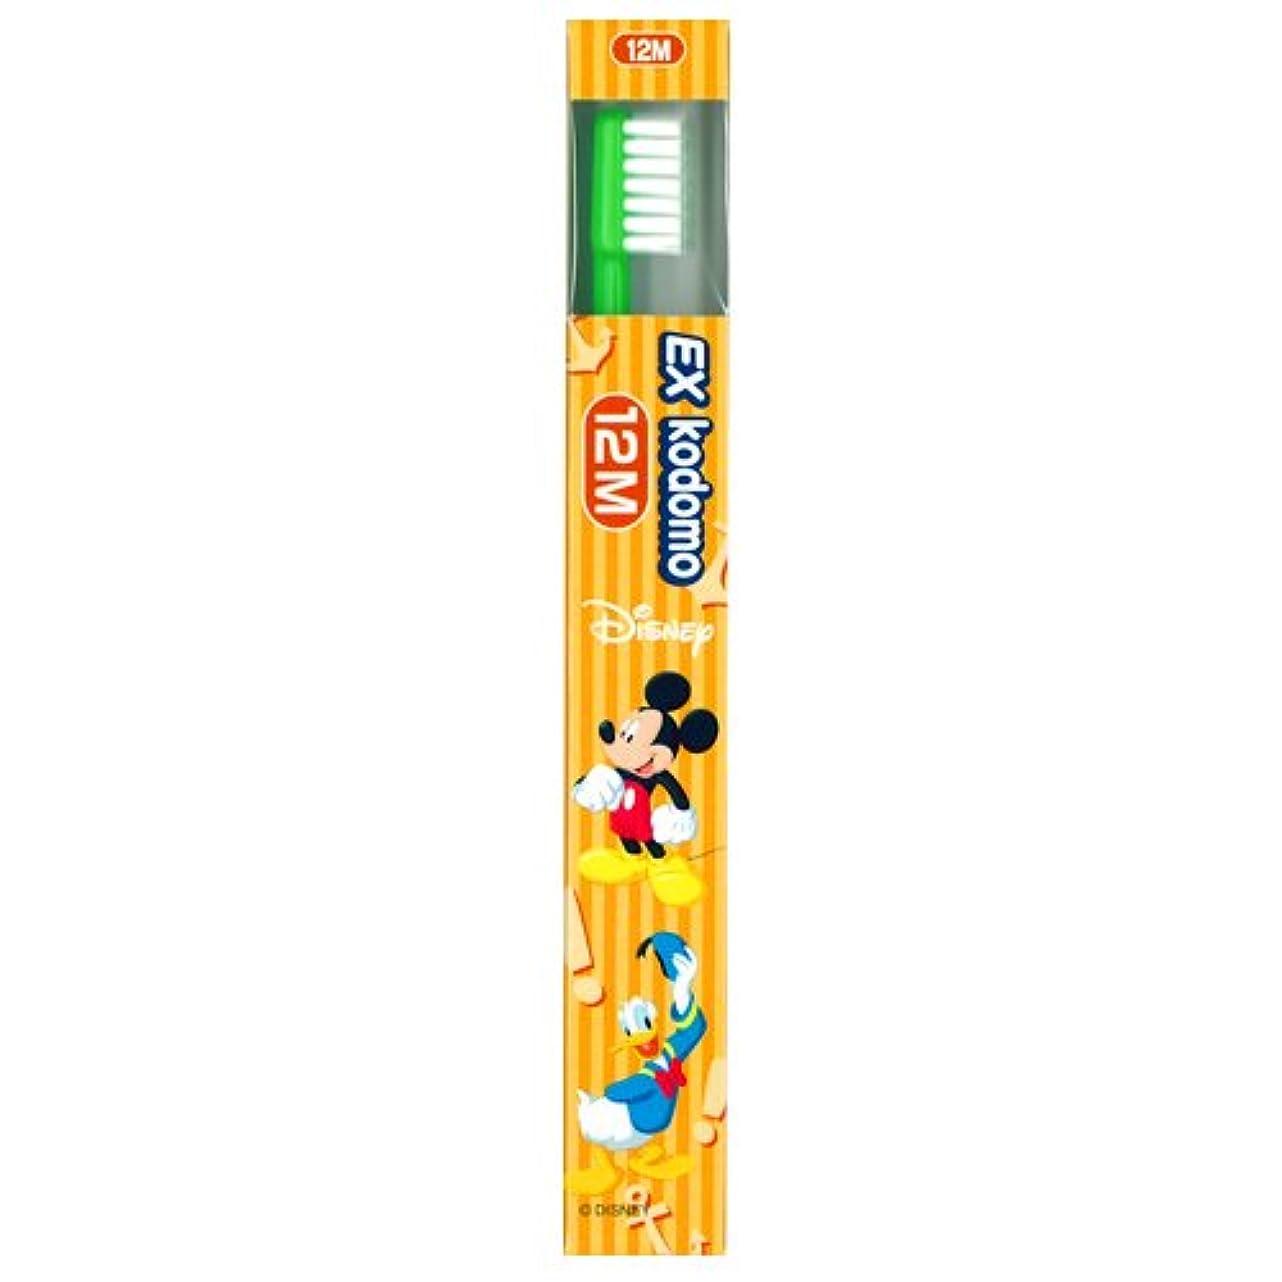 と提供された不純ライオン EX kodomo ディズニー 歯ブラシ 1本 12M グリーン